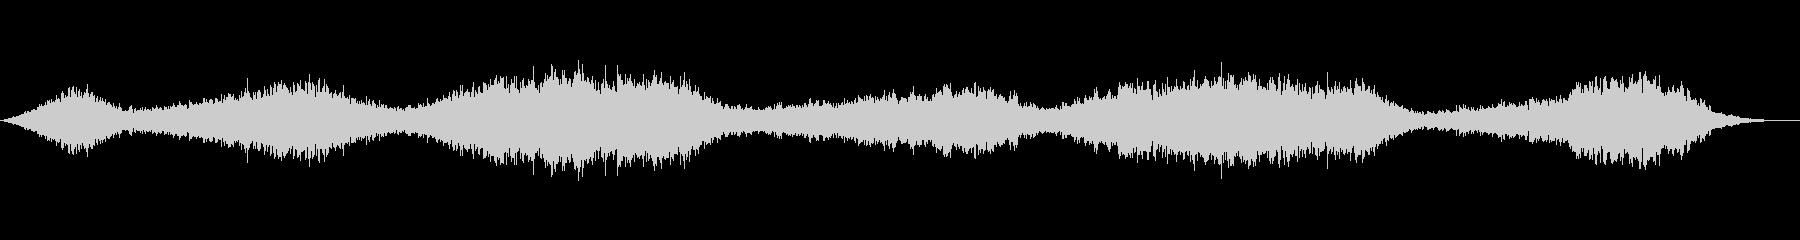 壮大なシネマティックアンビエントBGMの未再生の波形